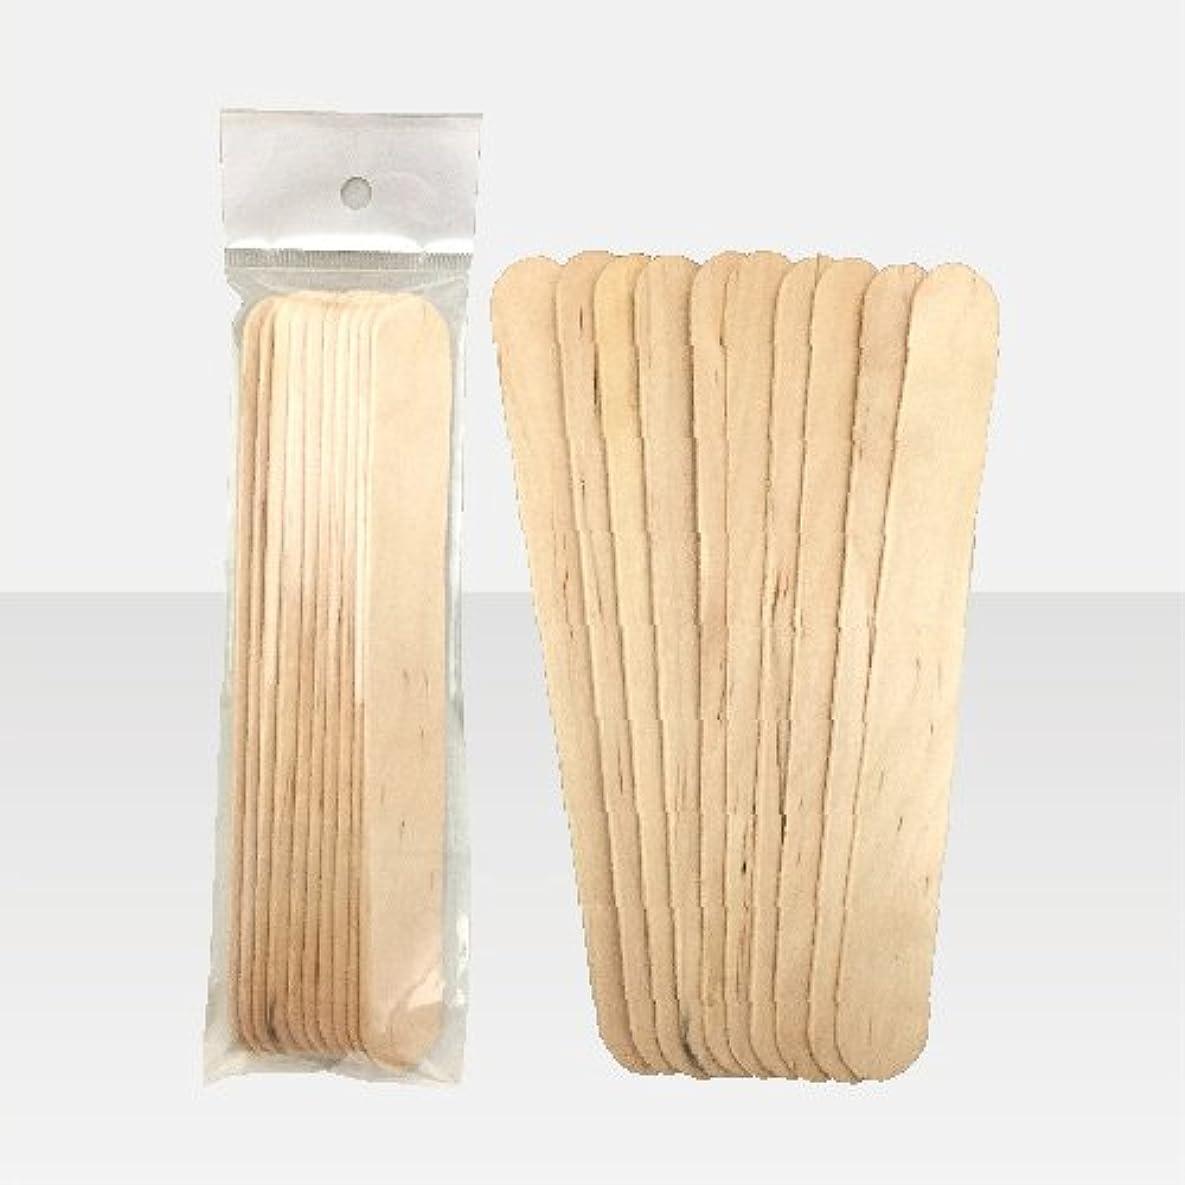 ガイダンス誇り病気のブラジリアンワックス 脱毛ワックス用  ワックススパチュラ 木ベラ /10本セット Mサイズ